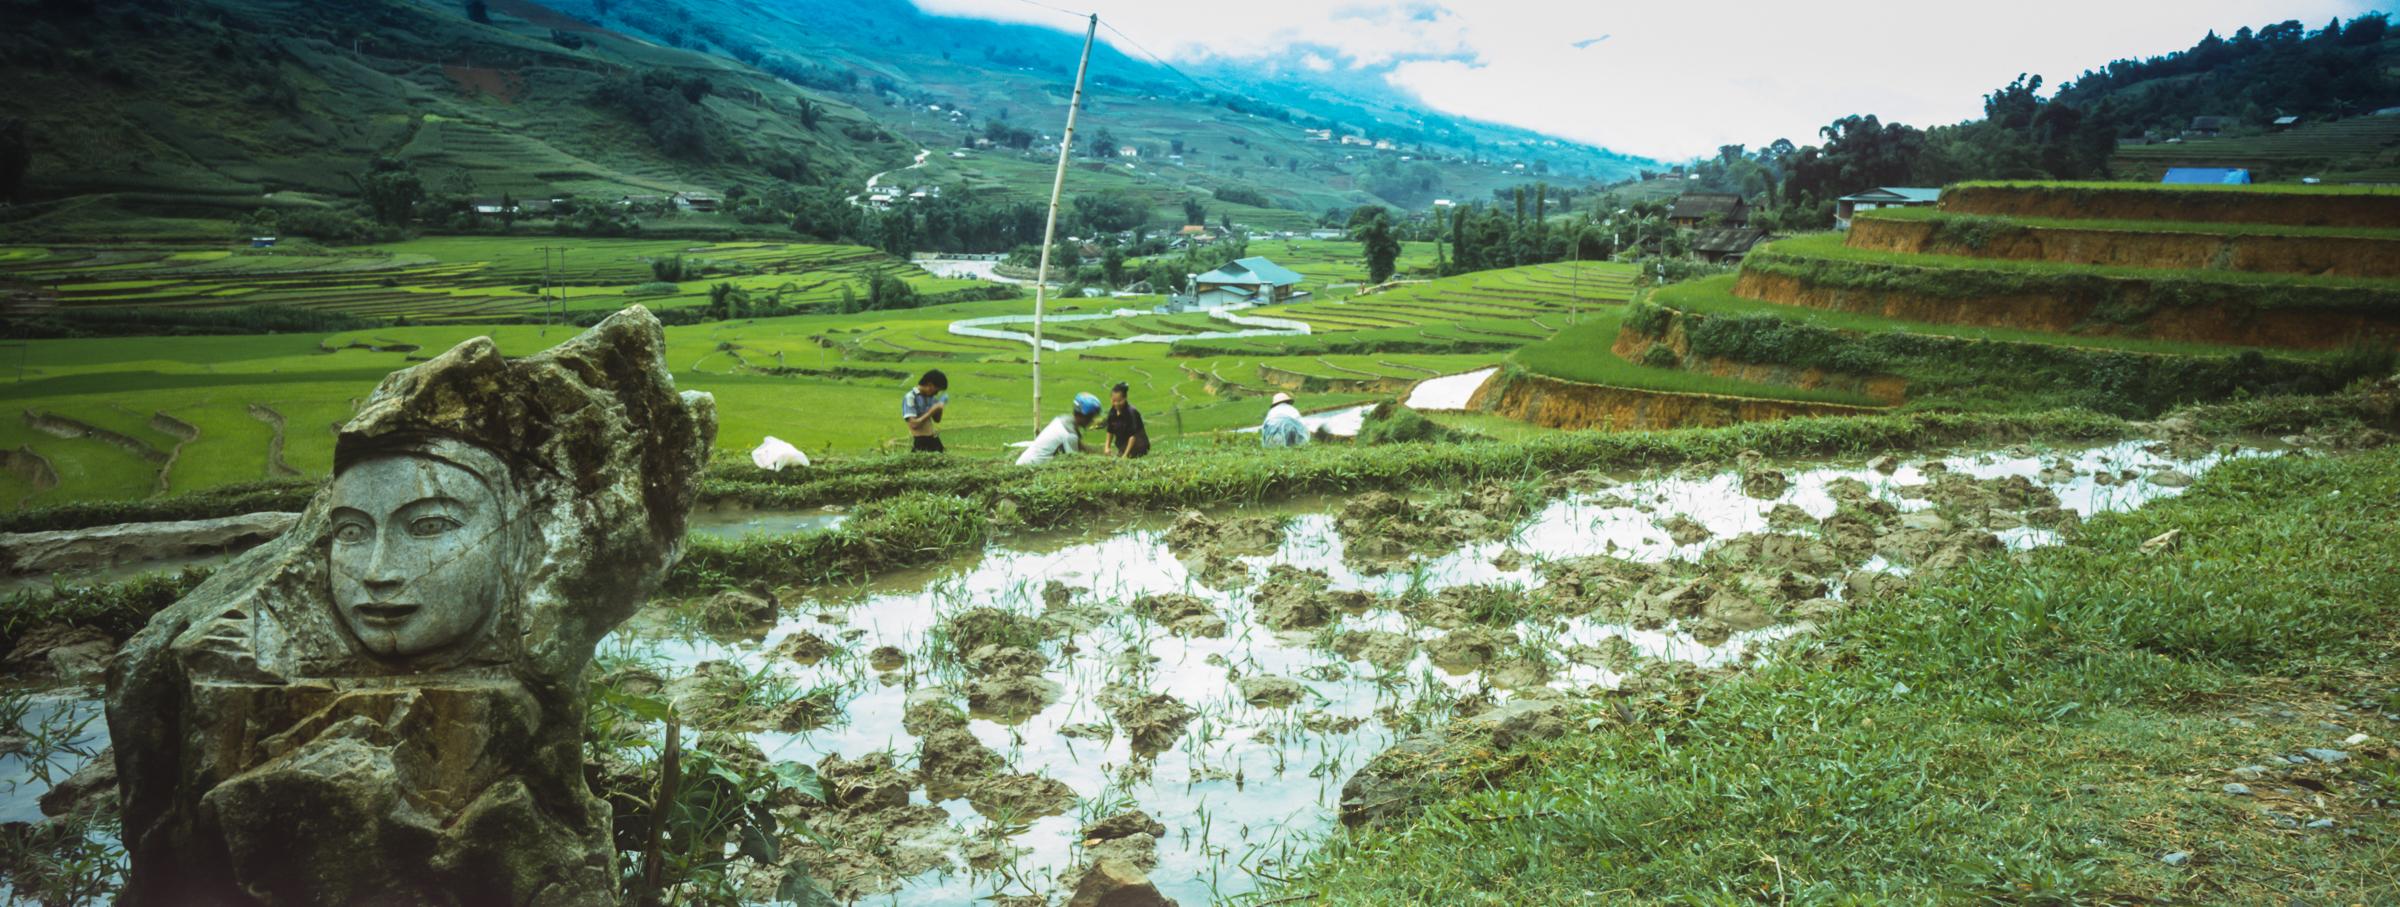 Вьетнам. Рисовые поля.